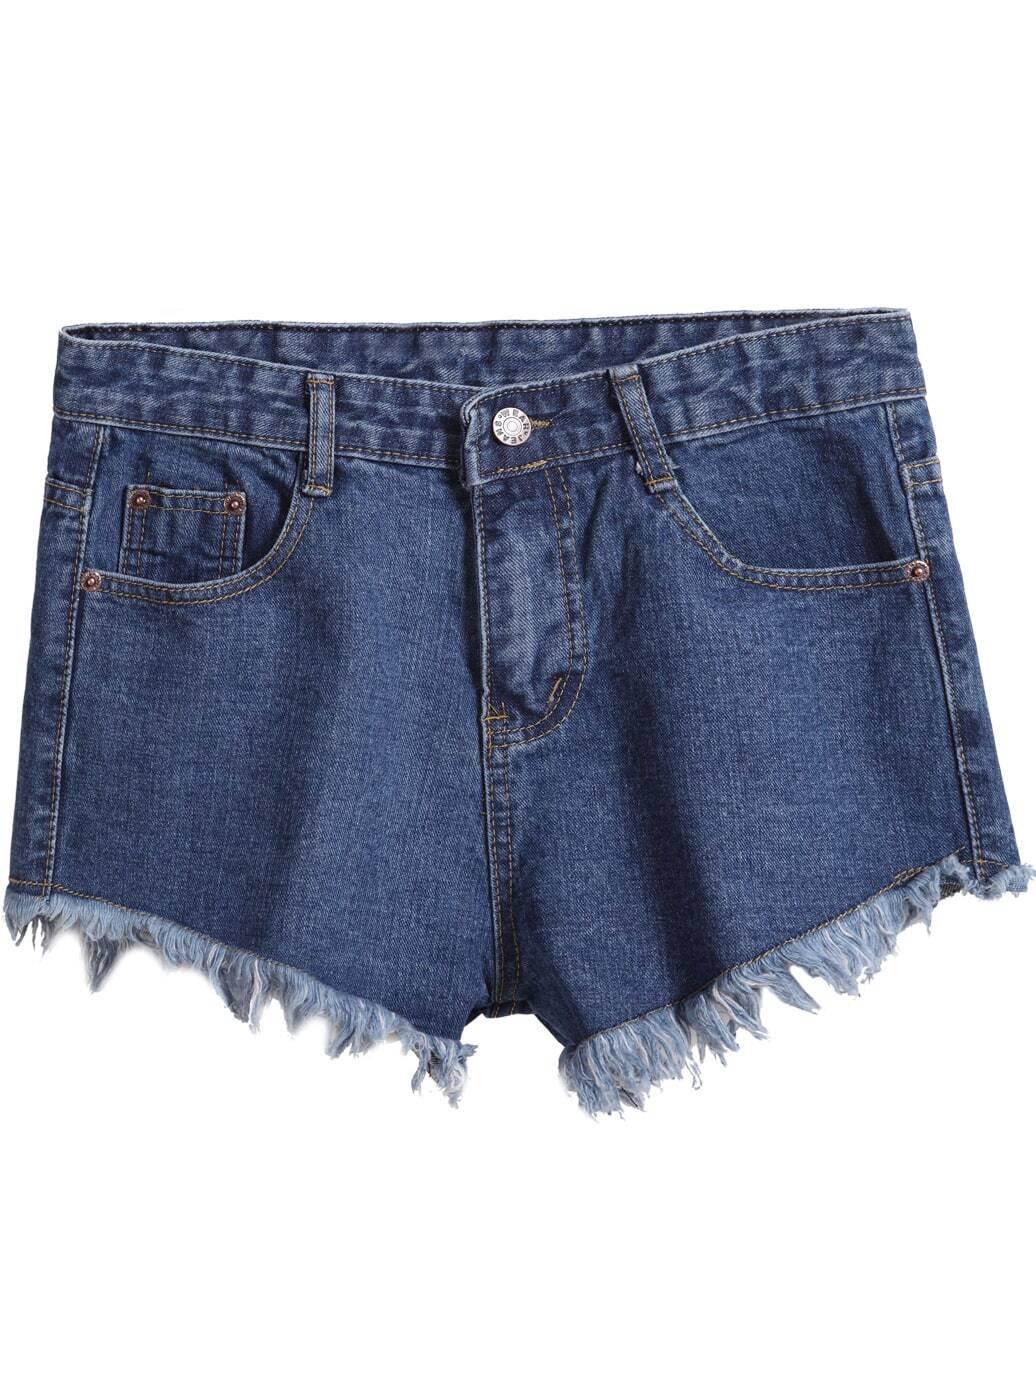 Navy Pockets Fringe Denim Shorts